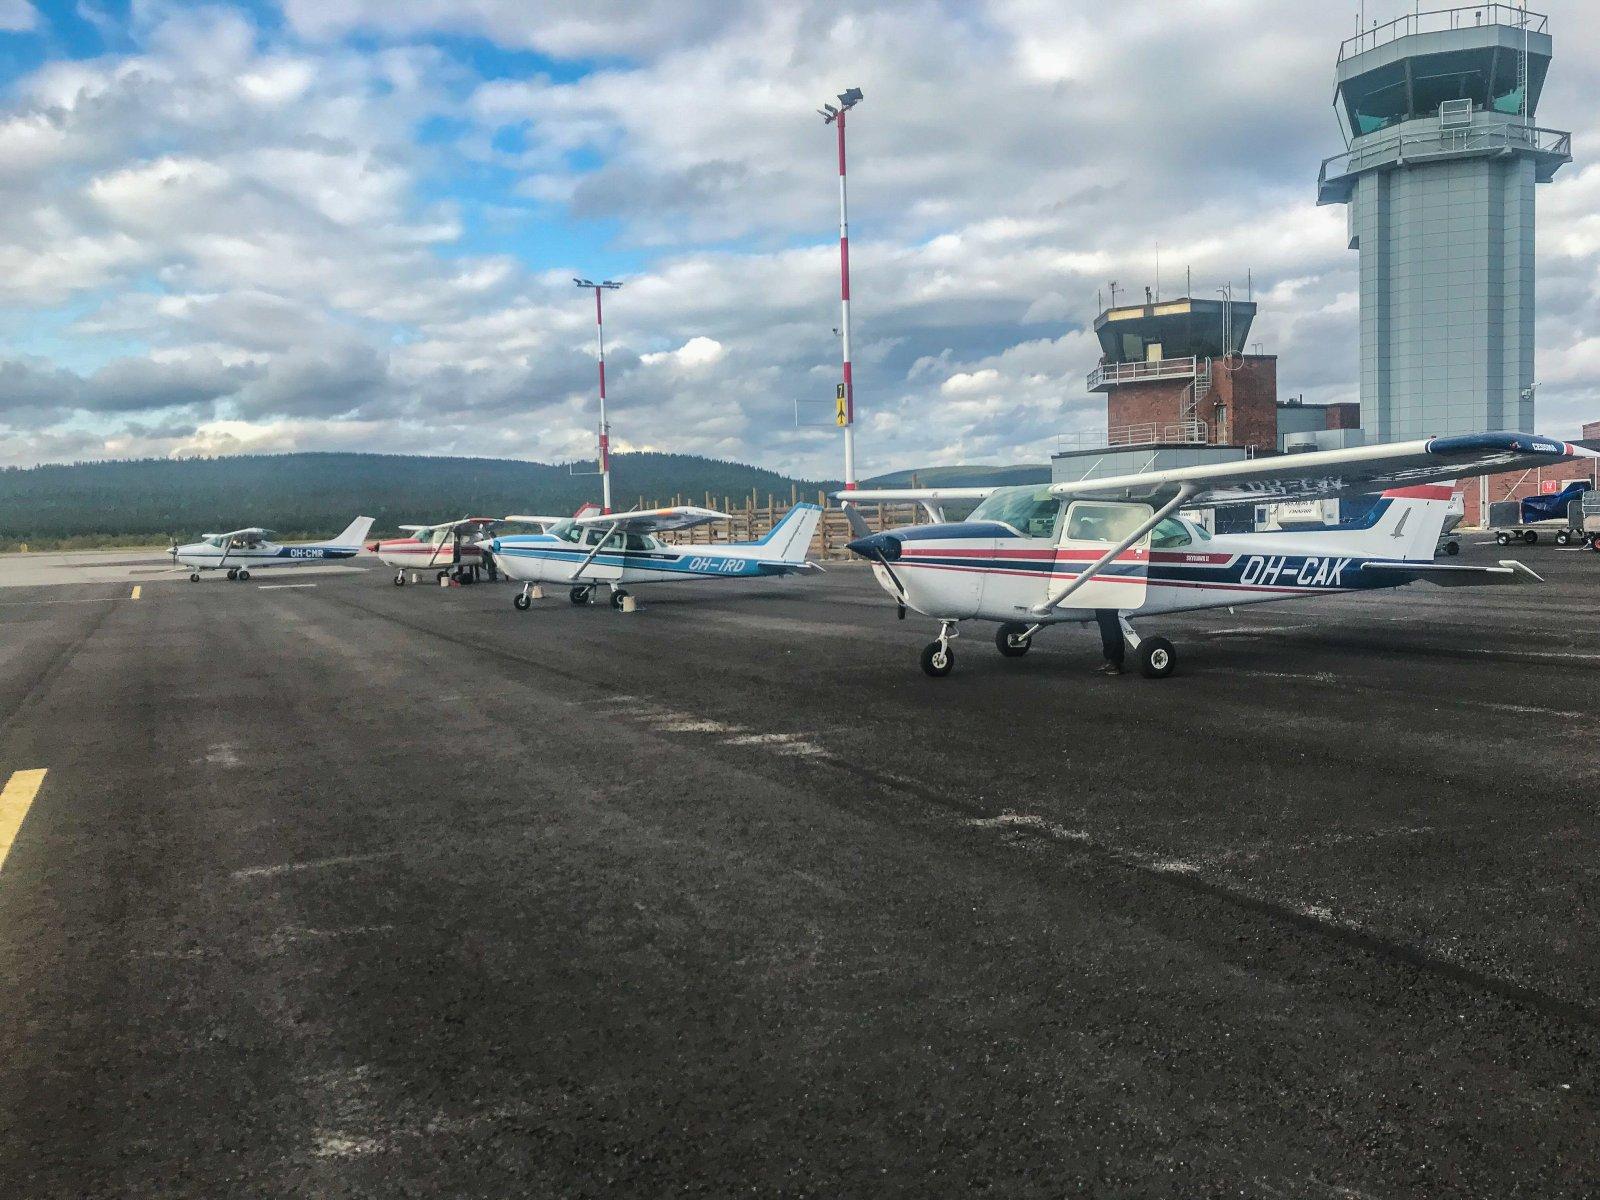 Ivalossa oli SAR-harjoitus viikonlopulla. Neljällä koneella suoritettiin etsintälentoja.